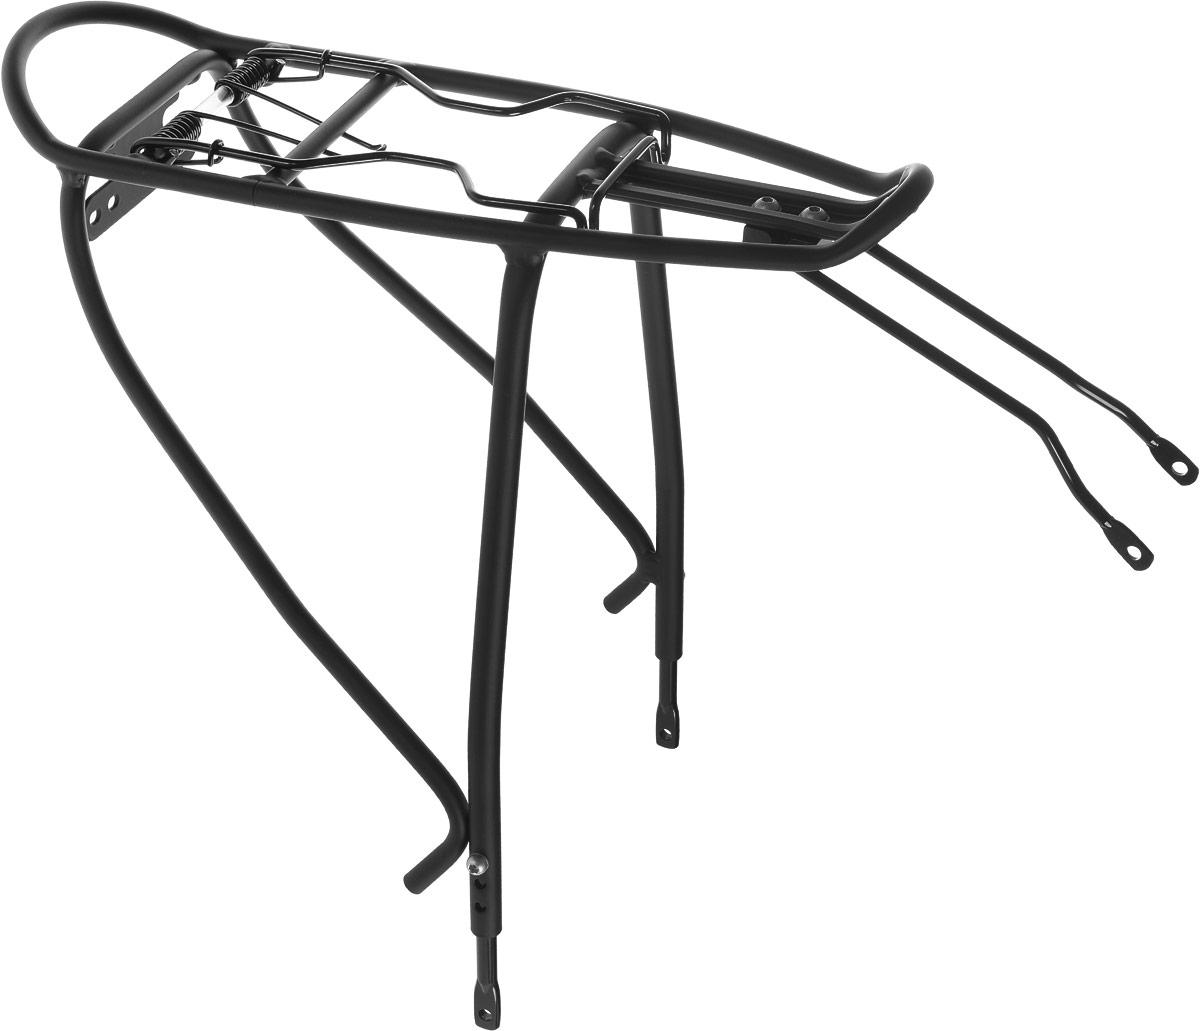 Багажник велосипедный Stern. CCAR-2NCCAR-2N.Велосипедный багажник Stern выполнен из высококачественного металла. Крепится изделие под седло. Предназначен багажник для моделей с размером колес 24-28. Подходит для перевозки грузов до 25 кг. В комплект входят крепления. Размер багажника: 39,5 х 22,5 х 41 см.